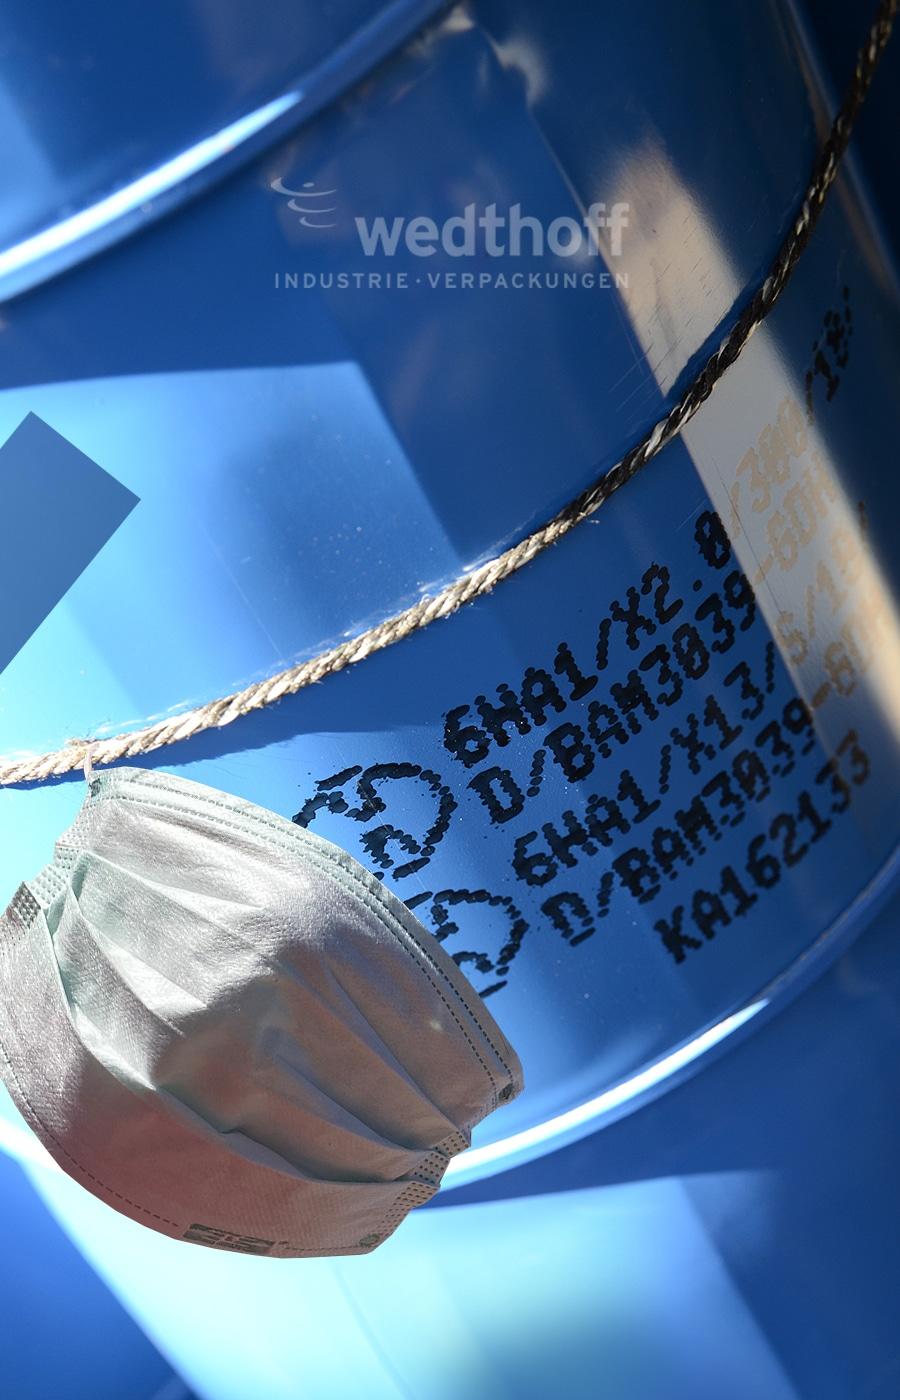 Corona Virus / Covid19 – Gefahrgutverpackungen, Stahlfässer Volumen bis 320 Liter. UN-Codierung. Deutsche Fabrikation von WEDTHOFF Industrieverpackungen